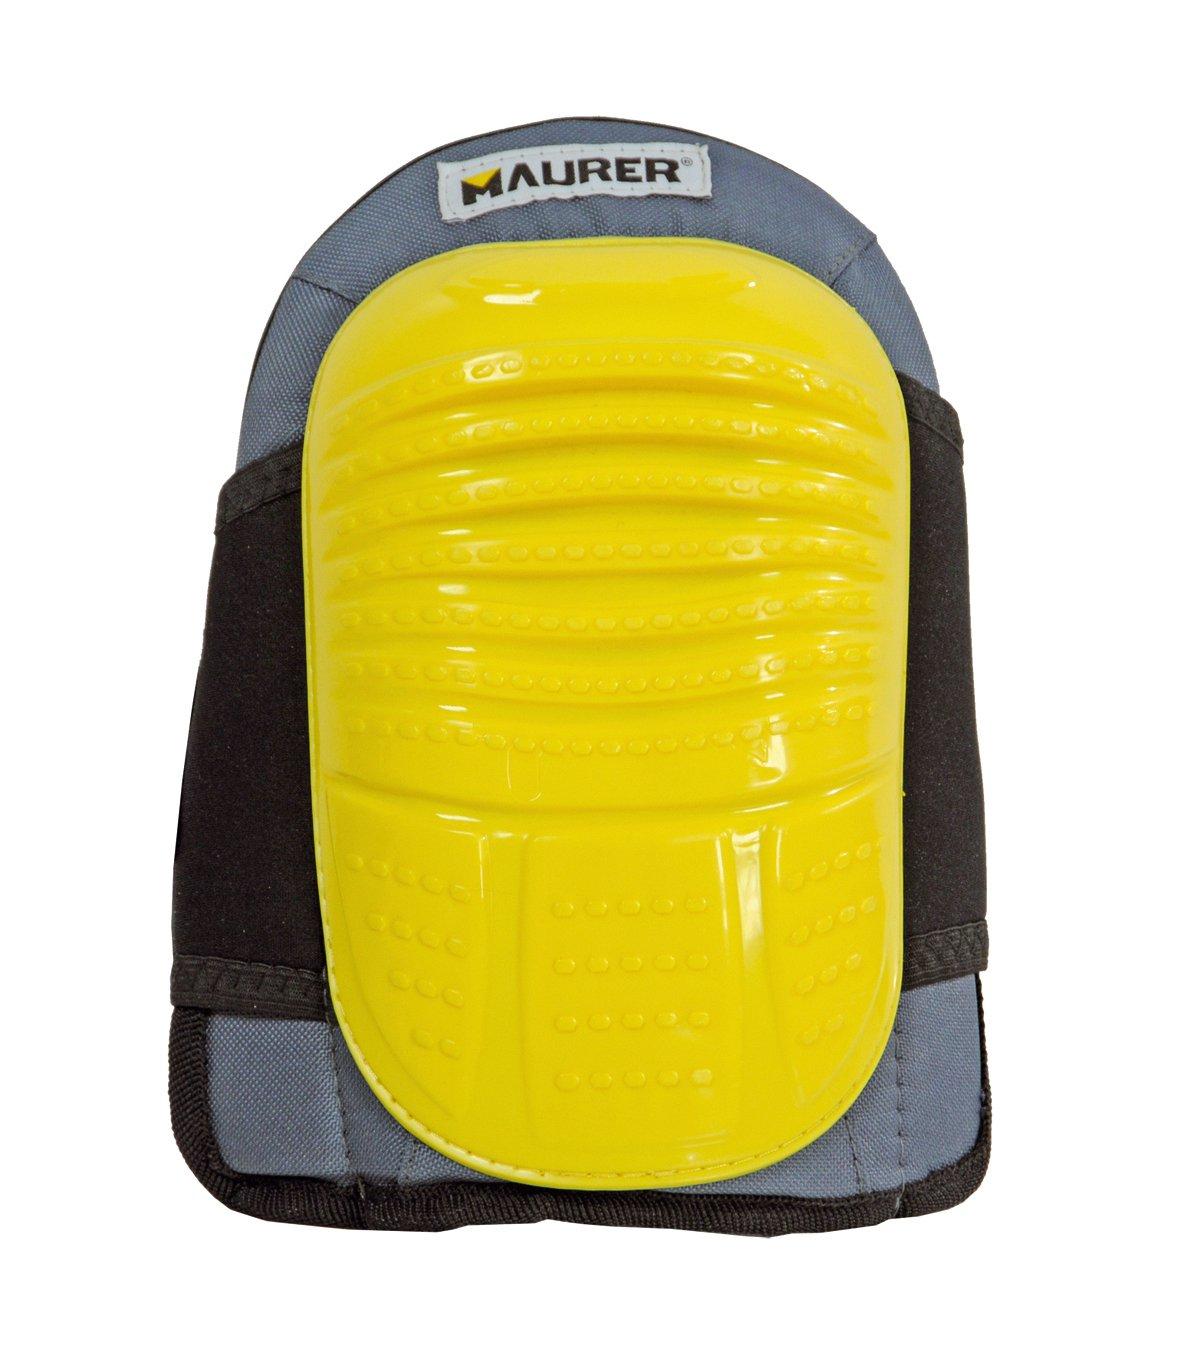 Maurer 15040145 - Juego rodilleras gel gel gel f00f85